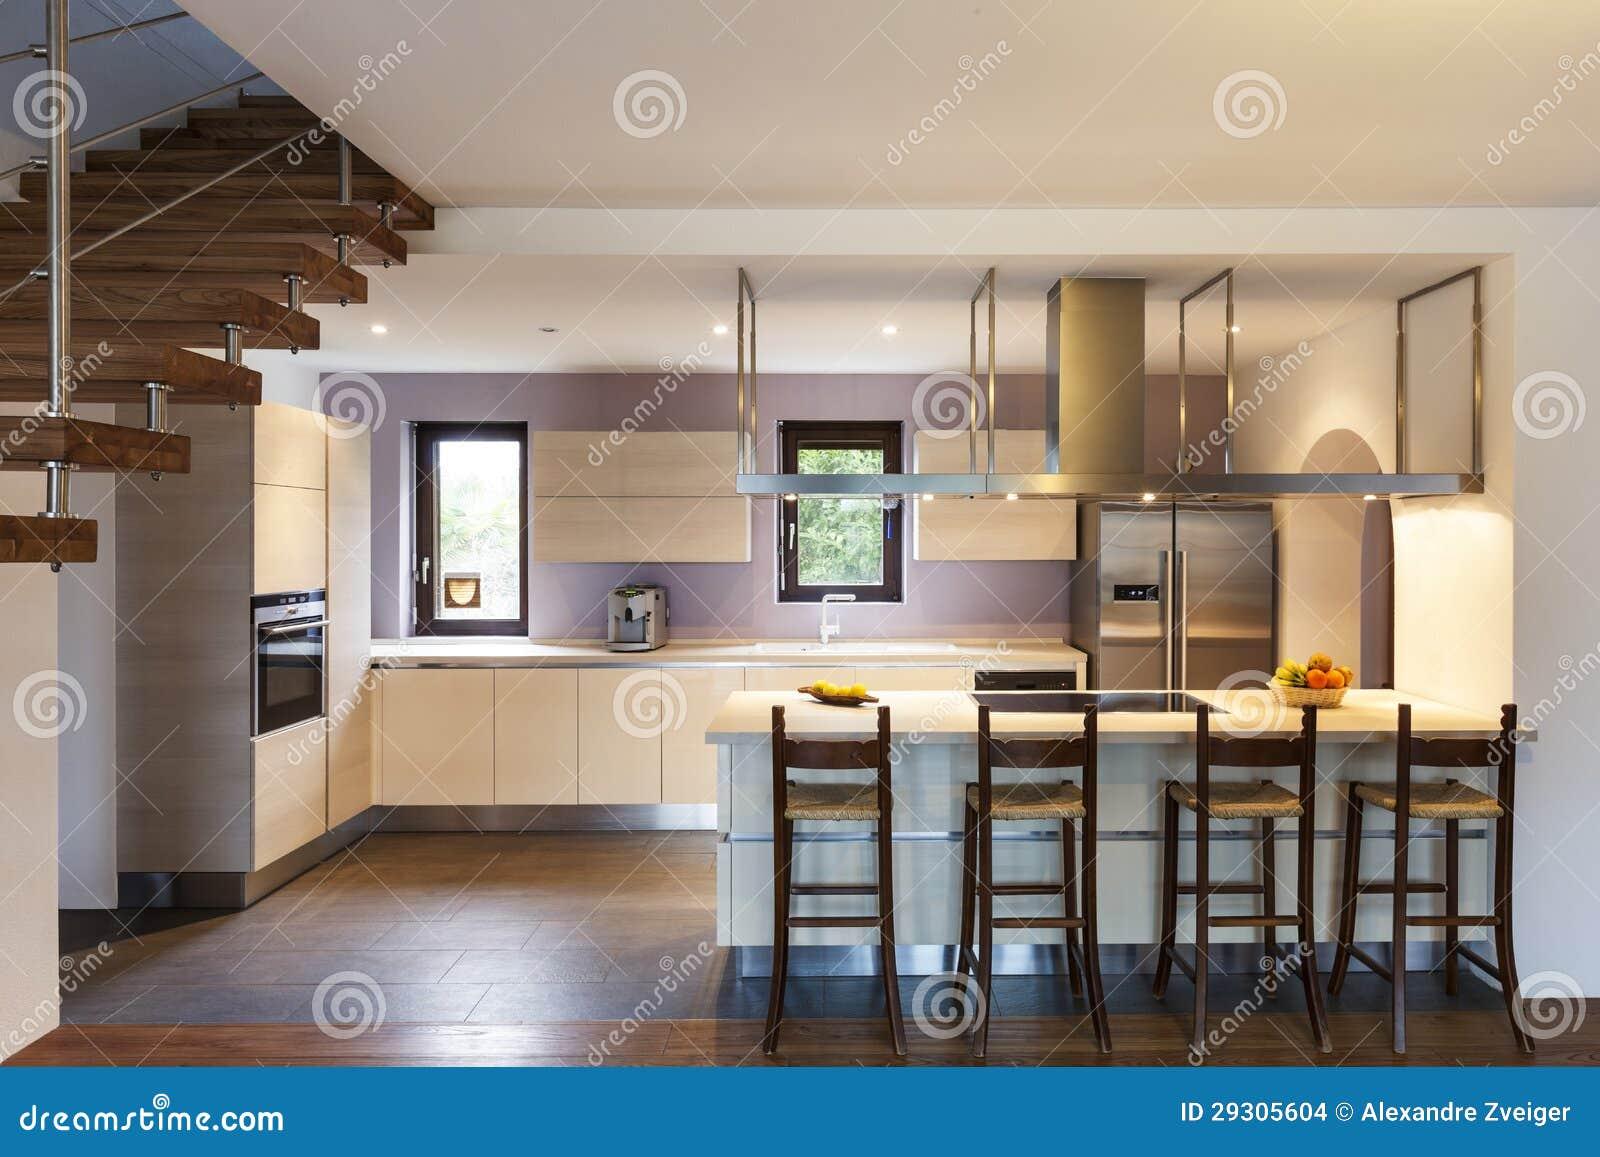 Wnętrze Dom, Kuchnia Obrazy Stock  Obraz 29305604 -> Kuchnia Polska Obrazy